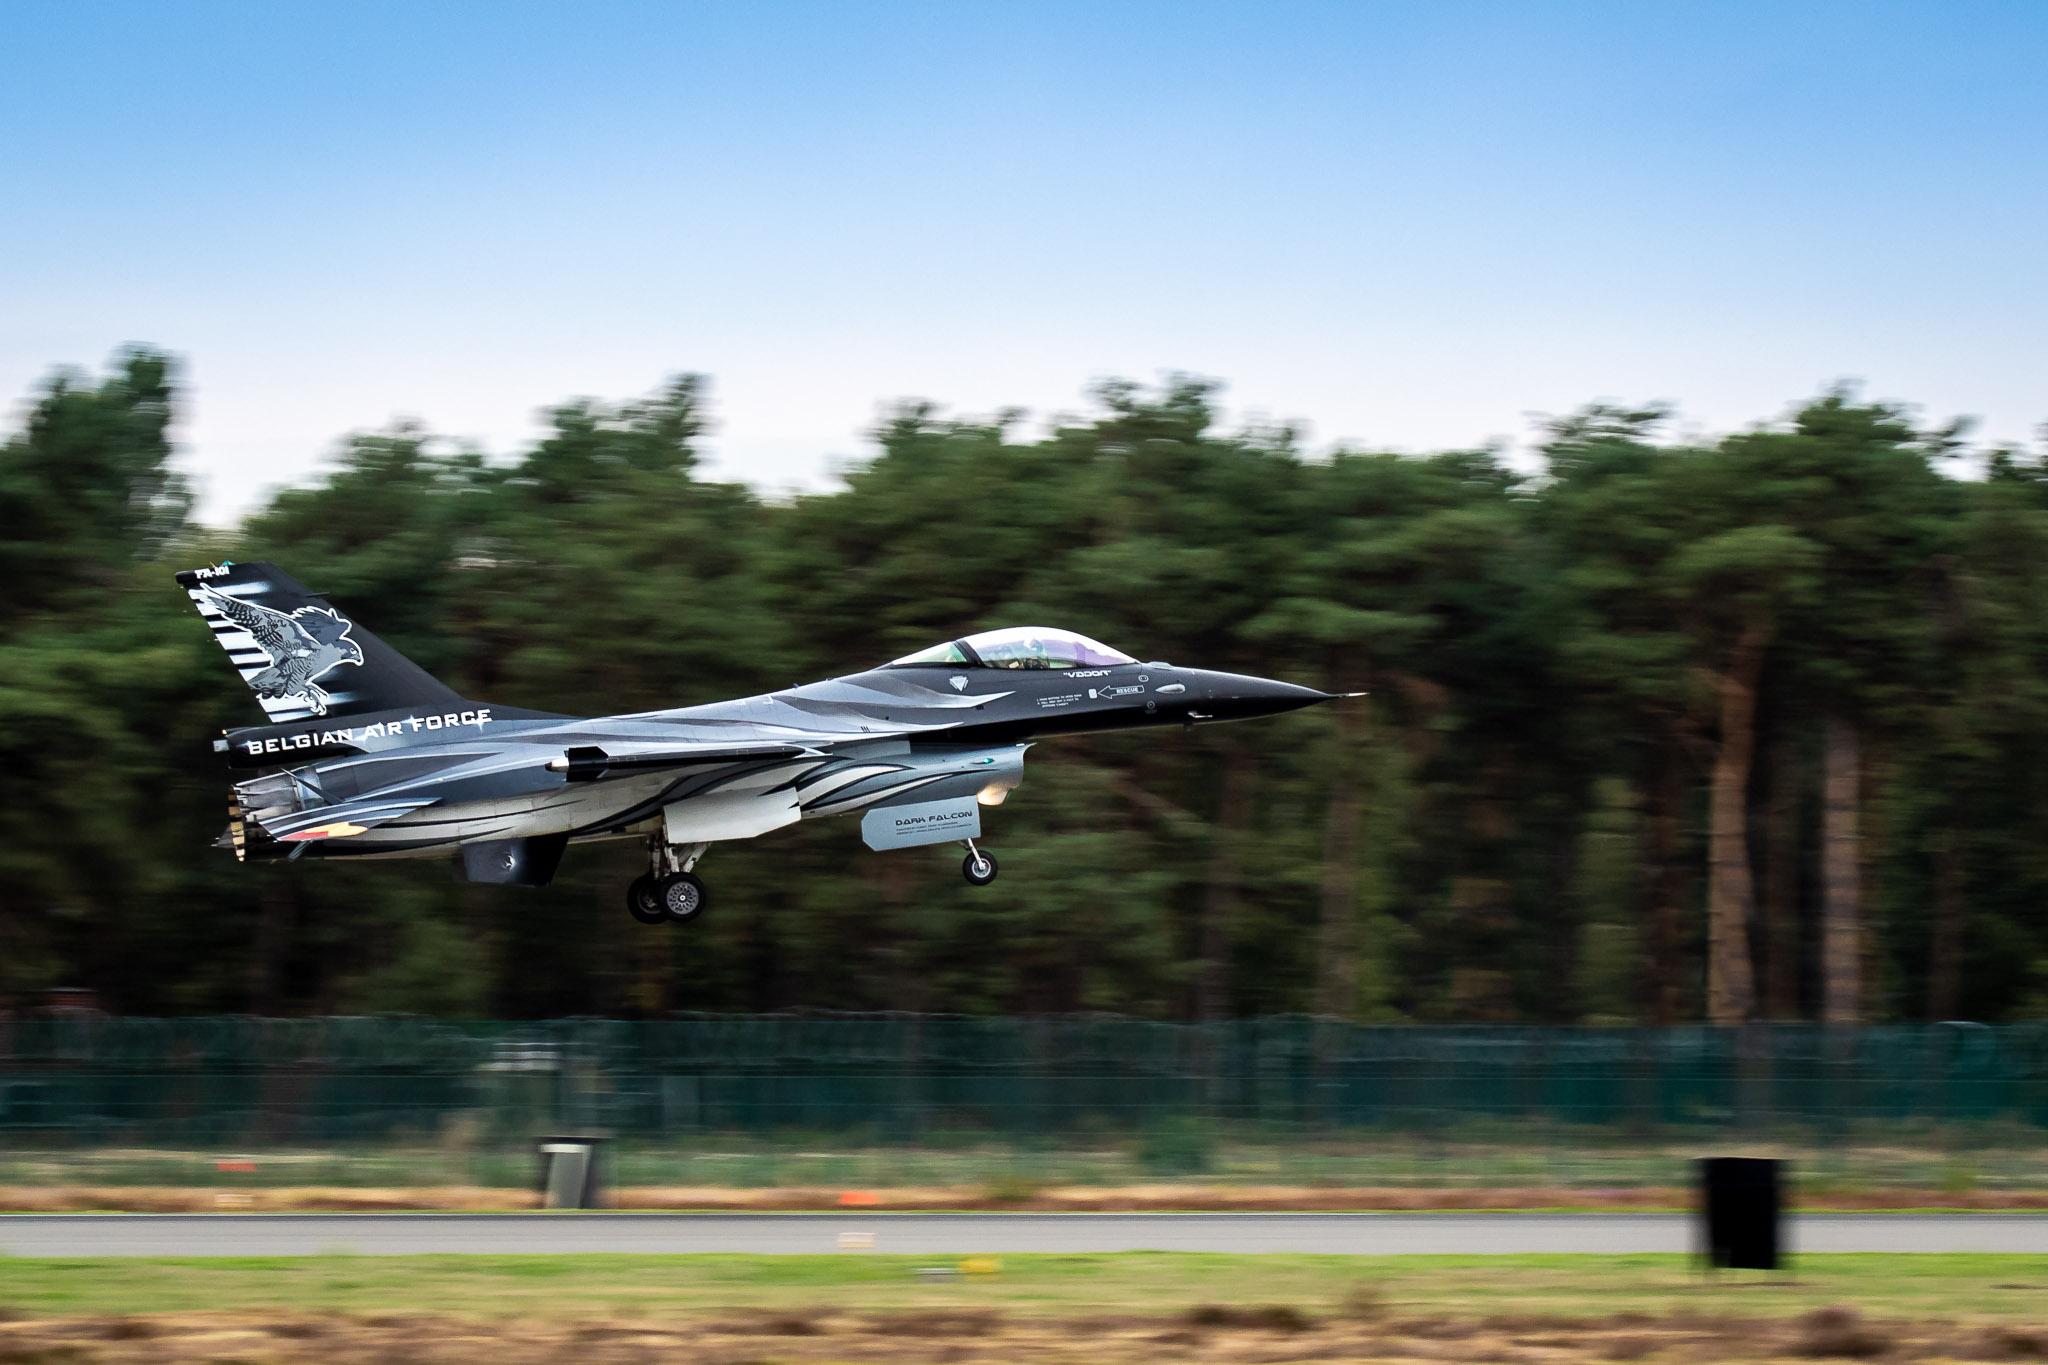 2018 F-16 Demo of BAF